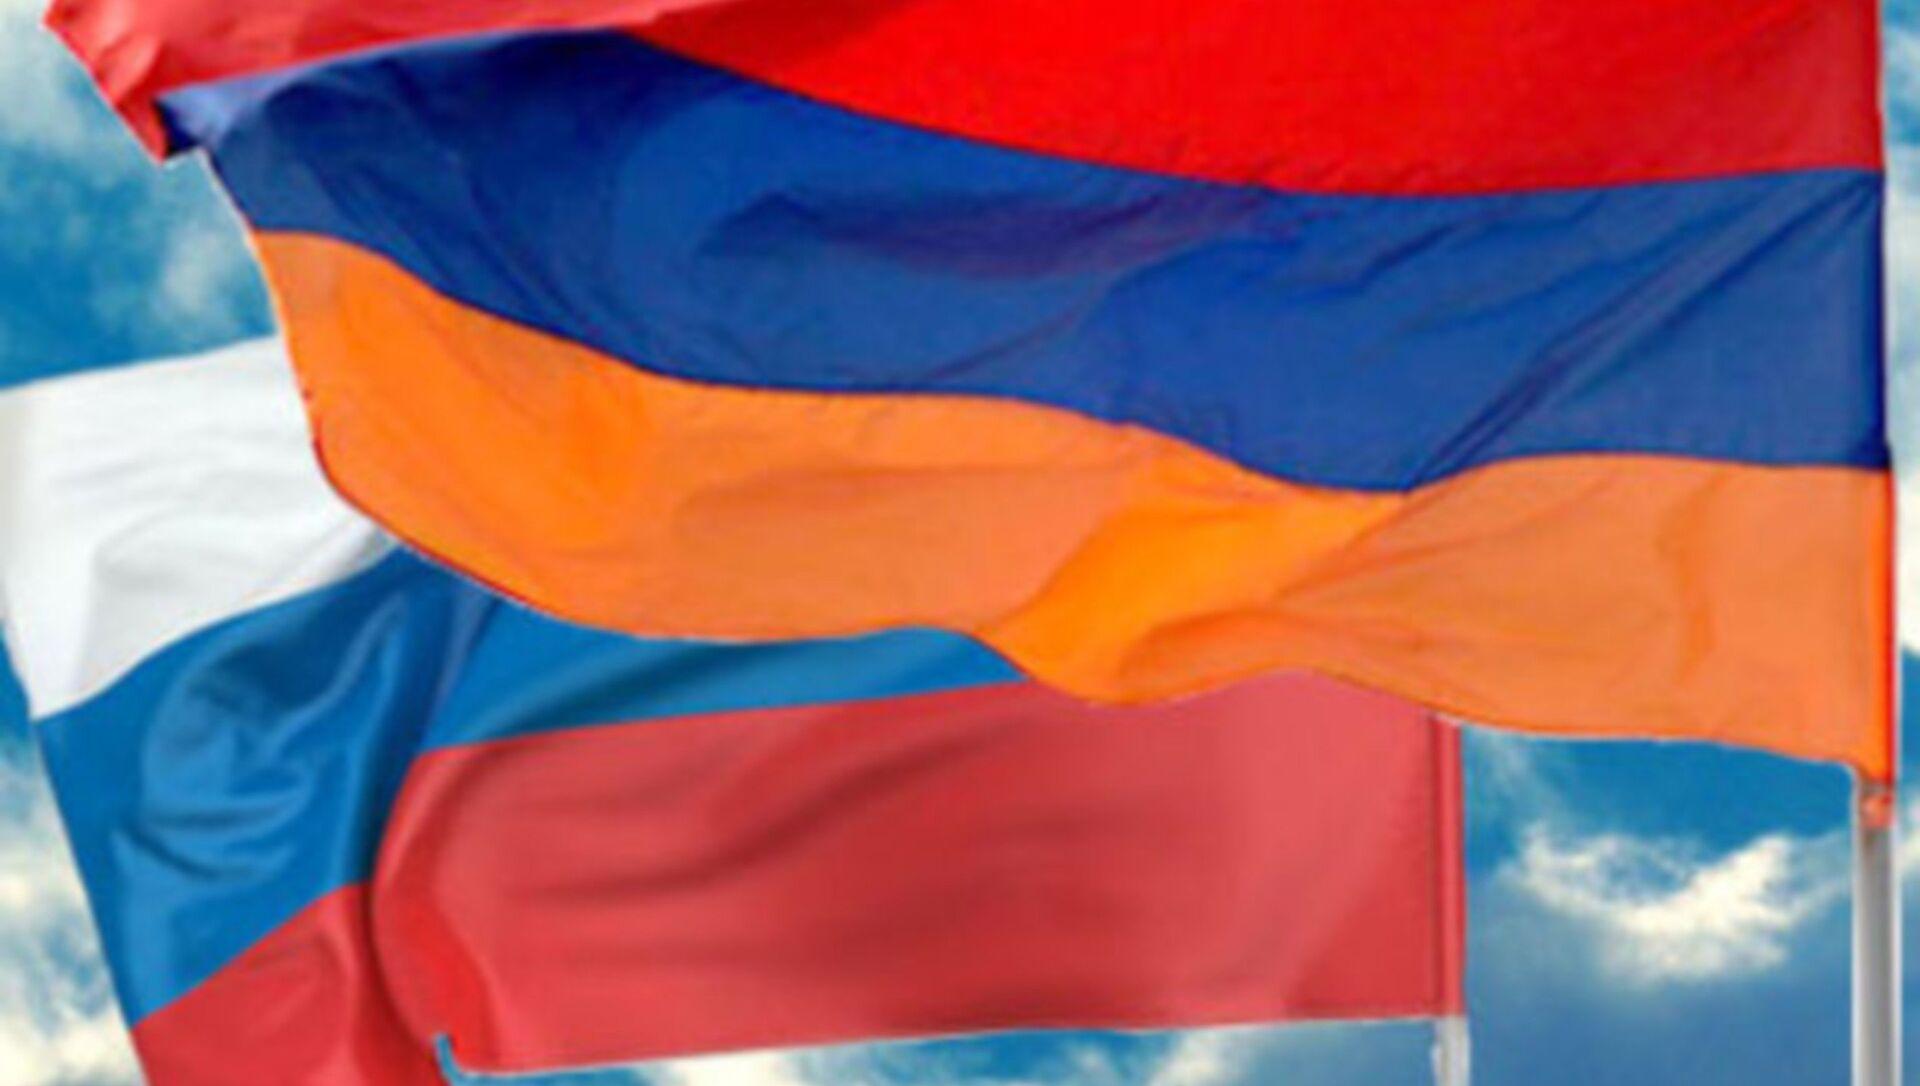 Ermenistan Savunma Bakanı: Rusya'dan yeni savunma kredisi talep edebiliriz - Sputnik Türkiye, 1920, 07.04.2021